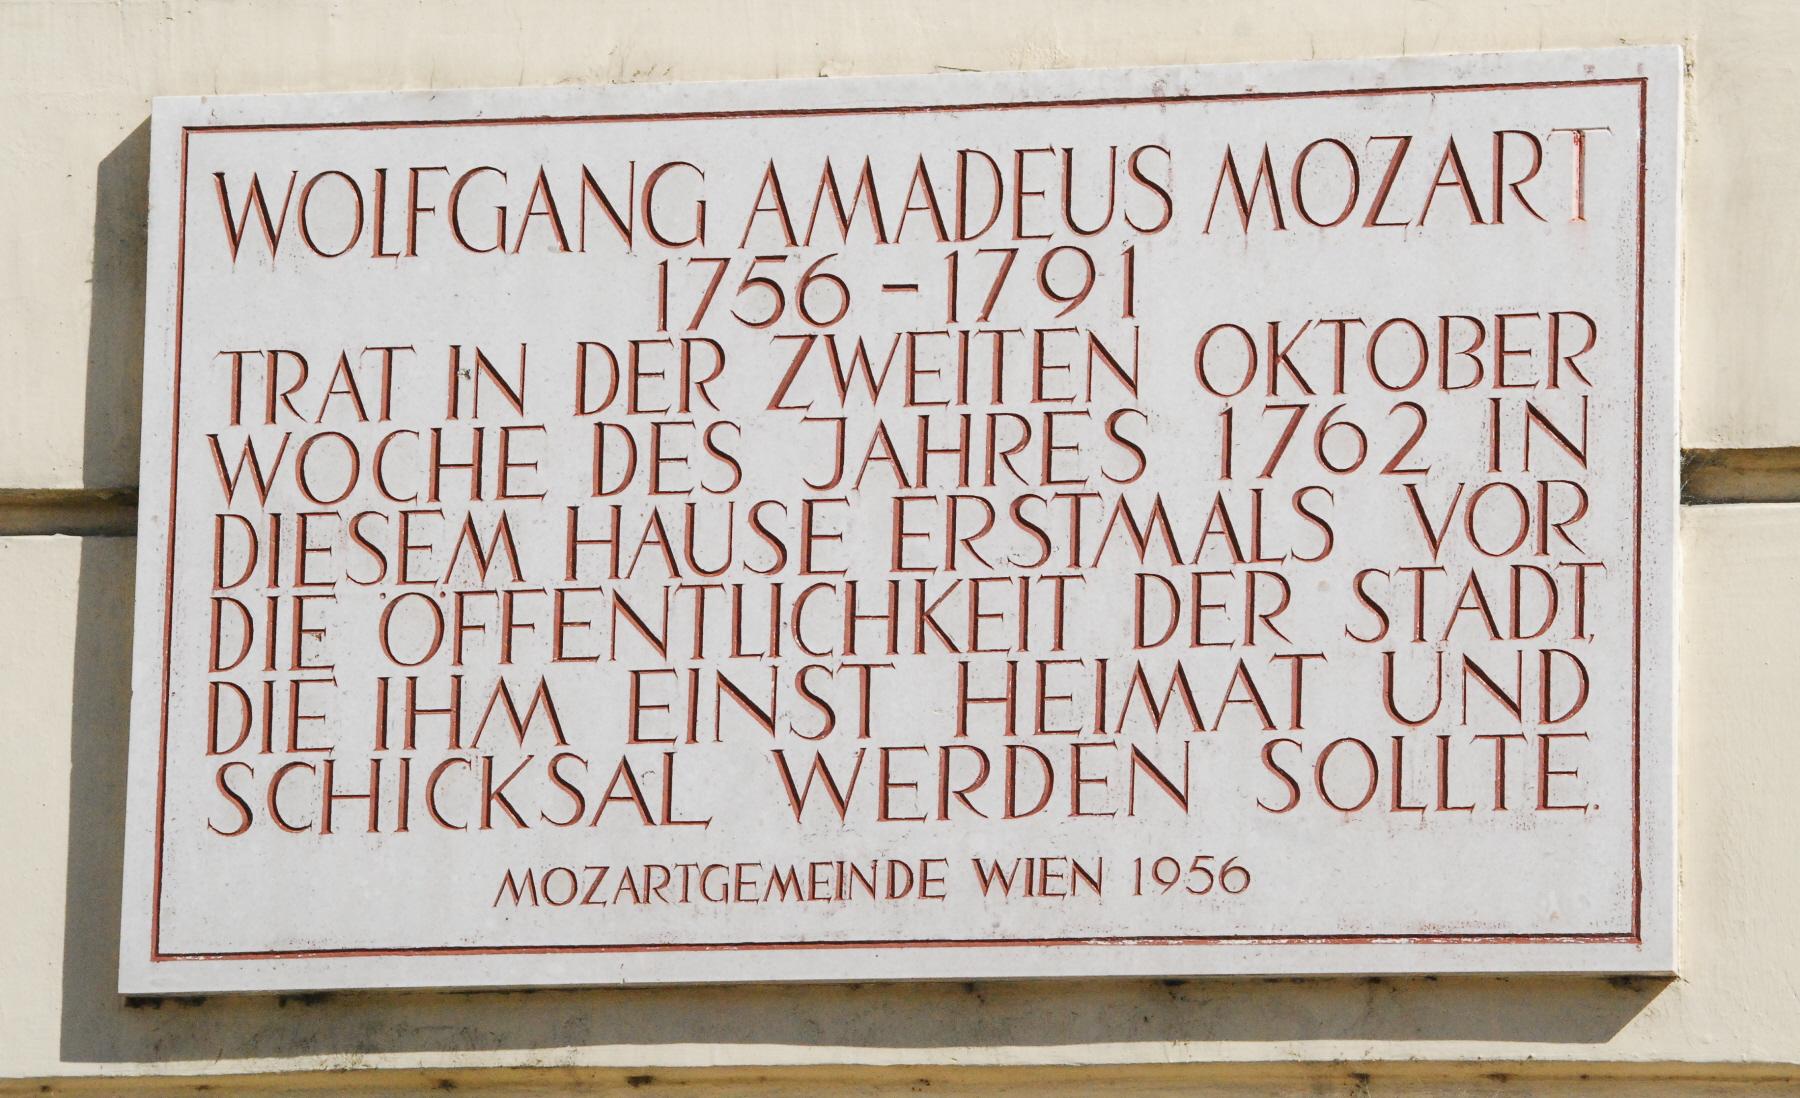 GuentherZ 2012-04-30 0665 Wien01 Am Hof13 Gedenktafel Wolfgang Amadeus Mozart.jpg